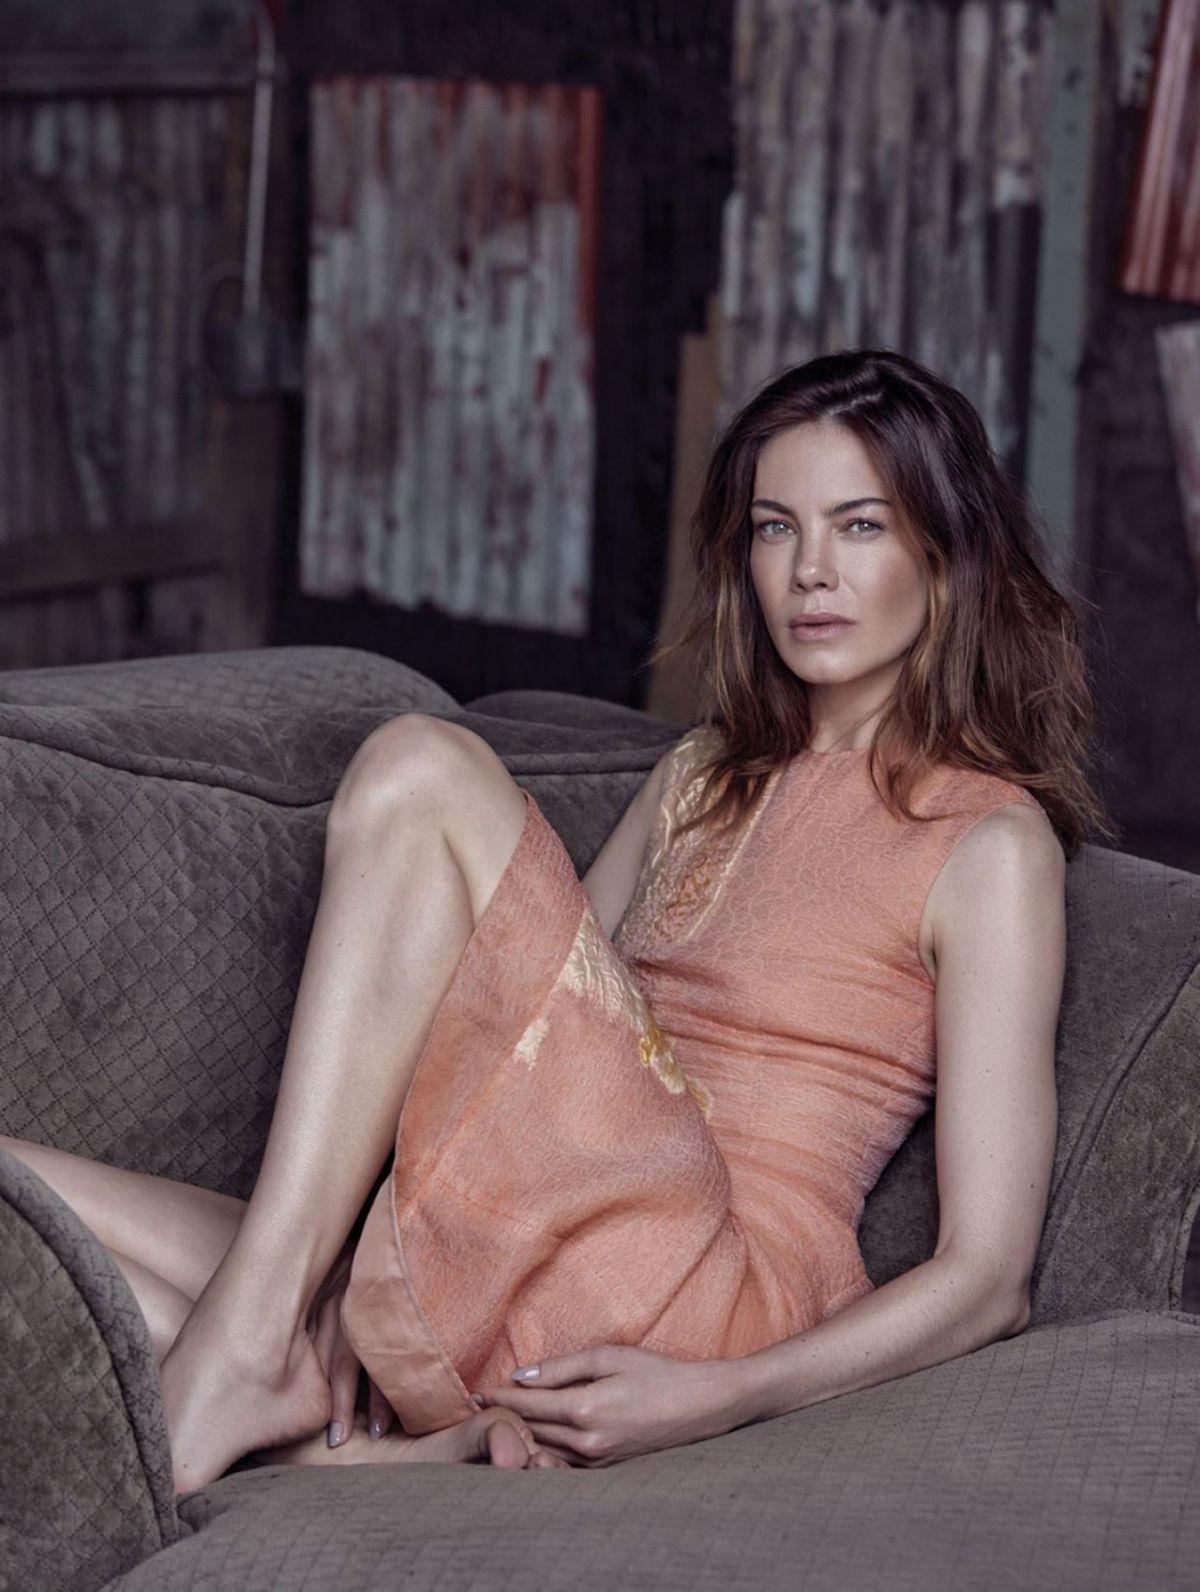 Michelle Monaghan Nacktaufnahmen